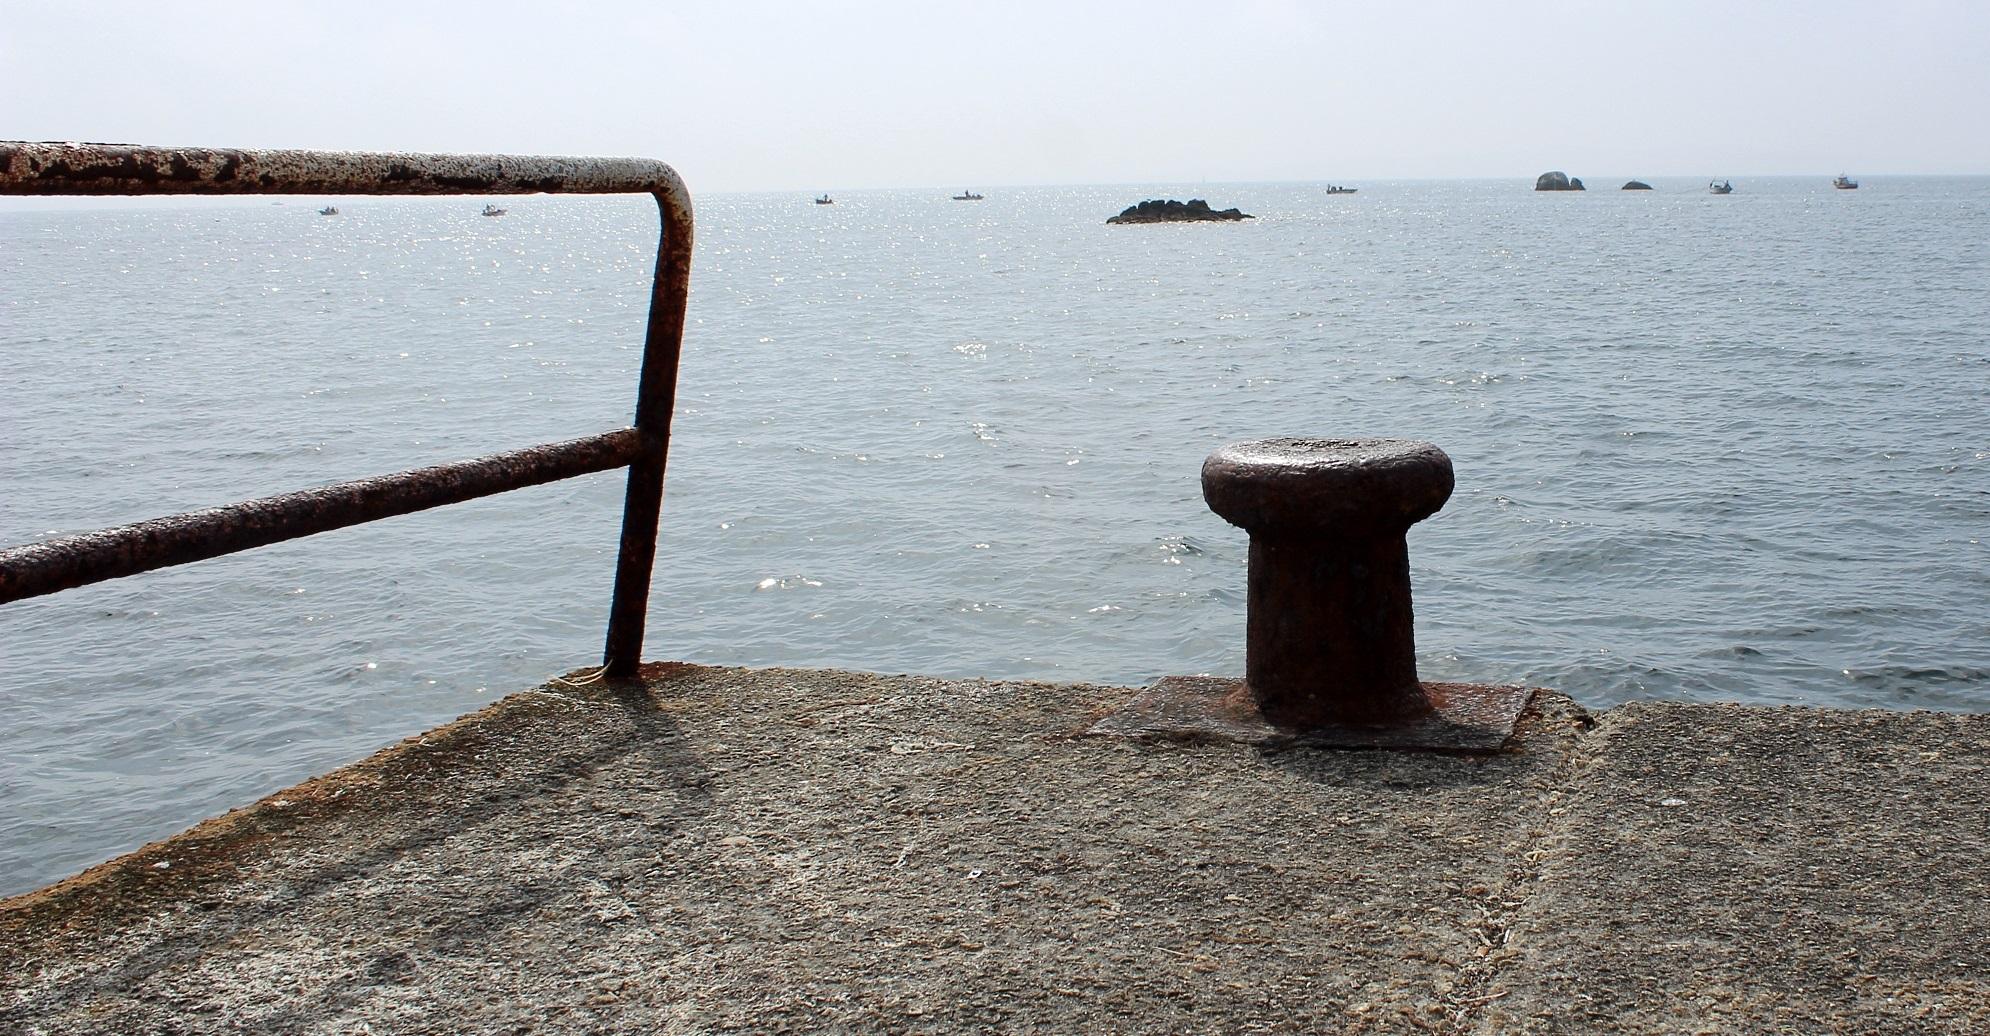 mar, pesca, naufraxio, Cabo Razo, Trasbach